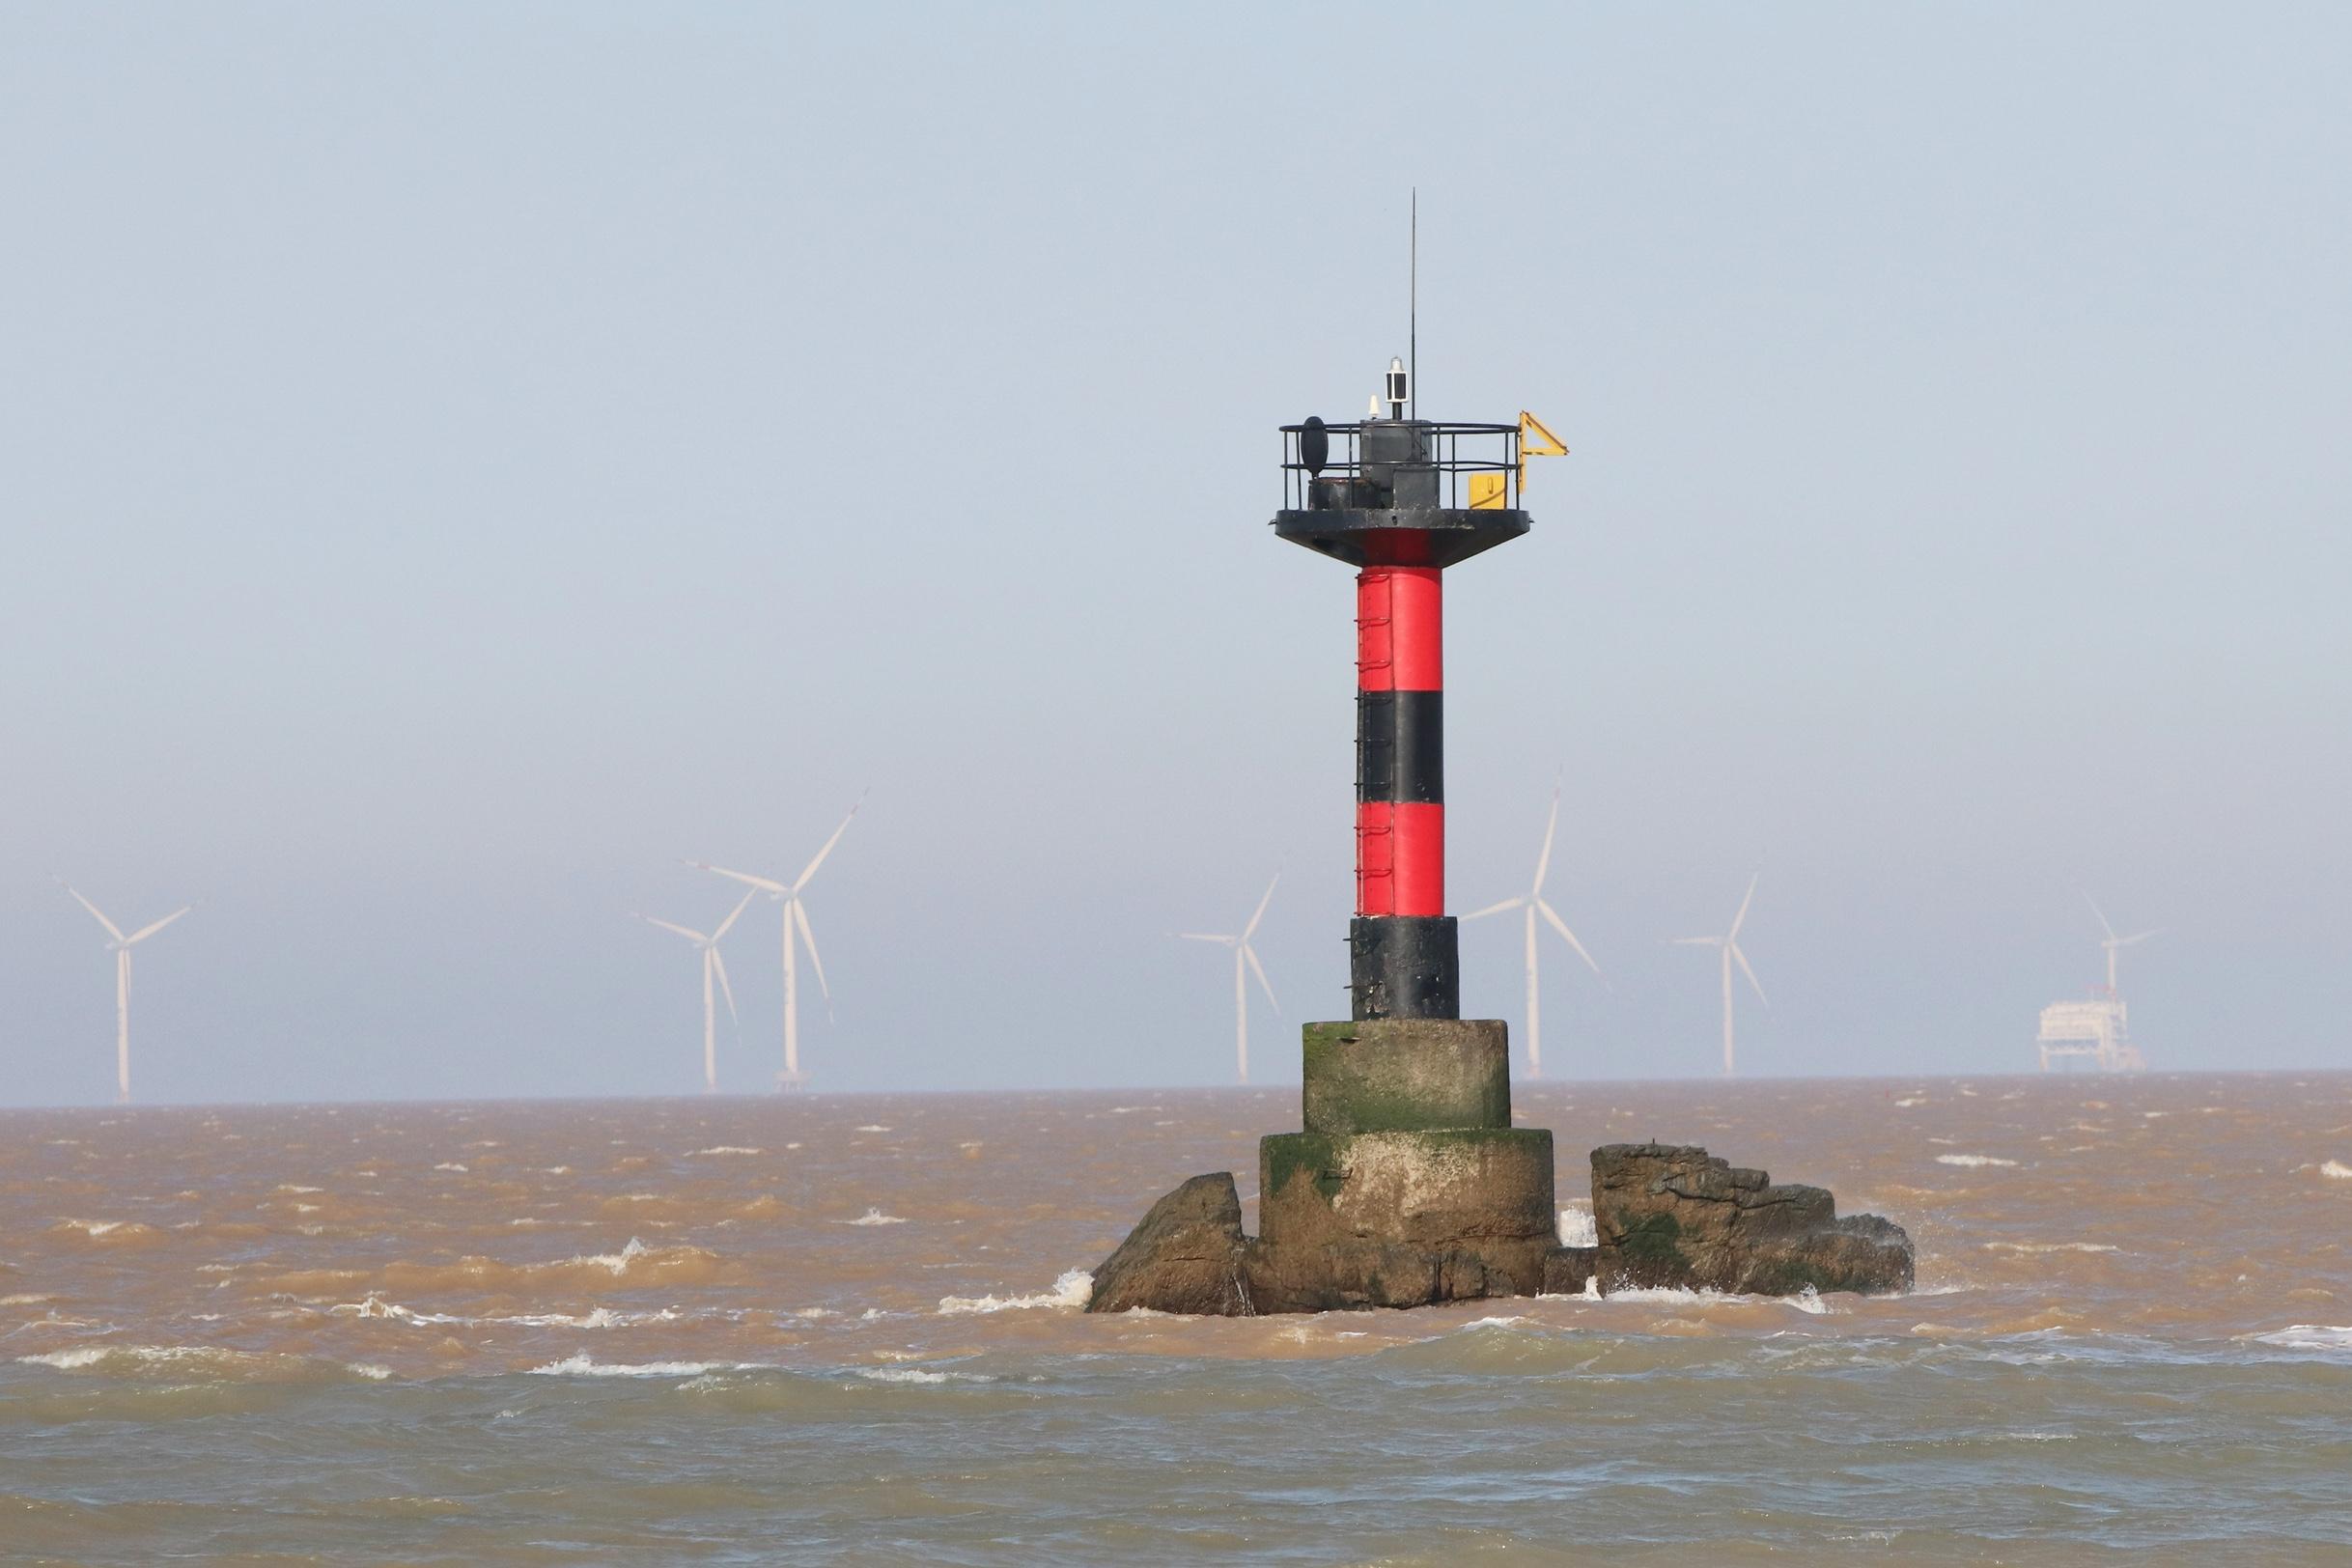 海上风电施工忙